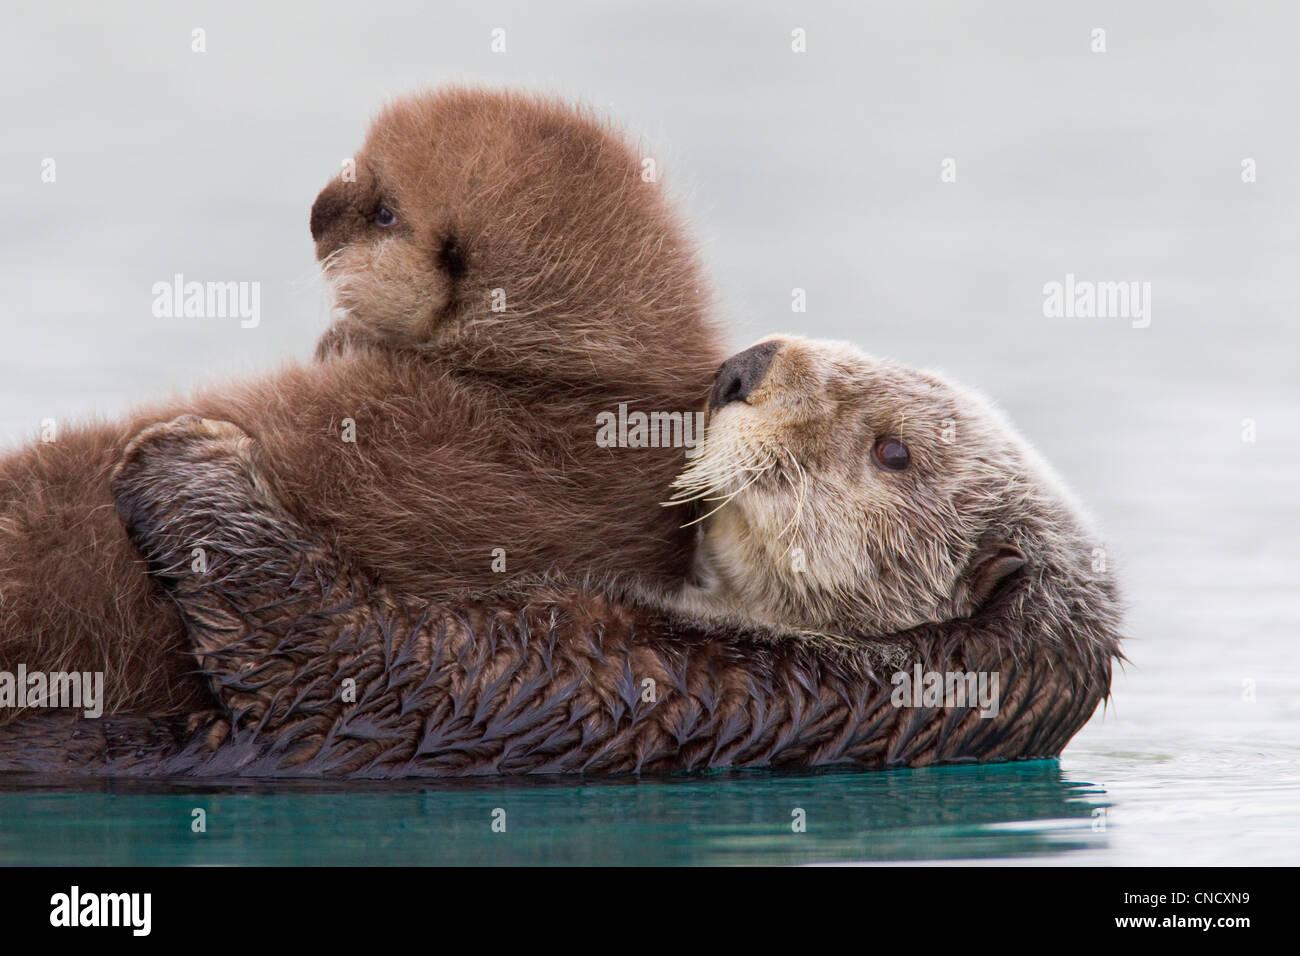 Hembra de nutria de mar celebración pup recién nacido fuera del agua, Prince William Sound, Alaska, Southcentral Foto de stock